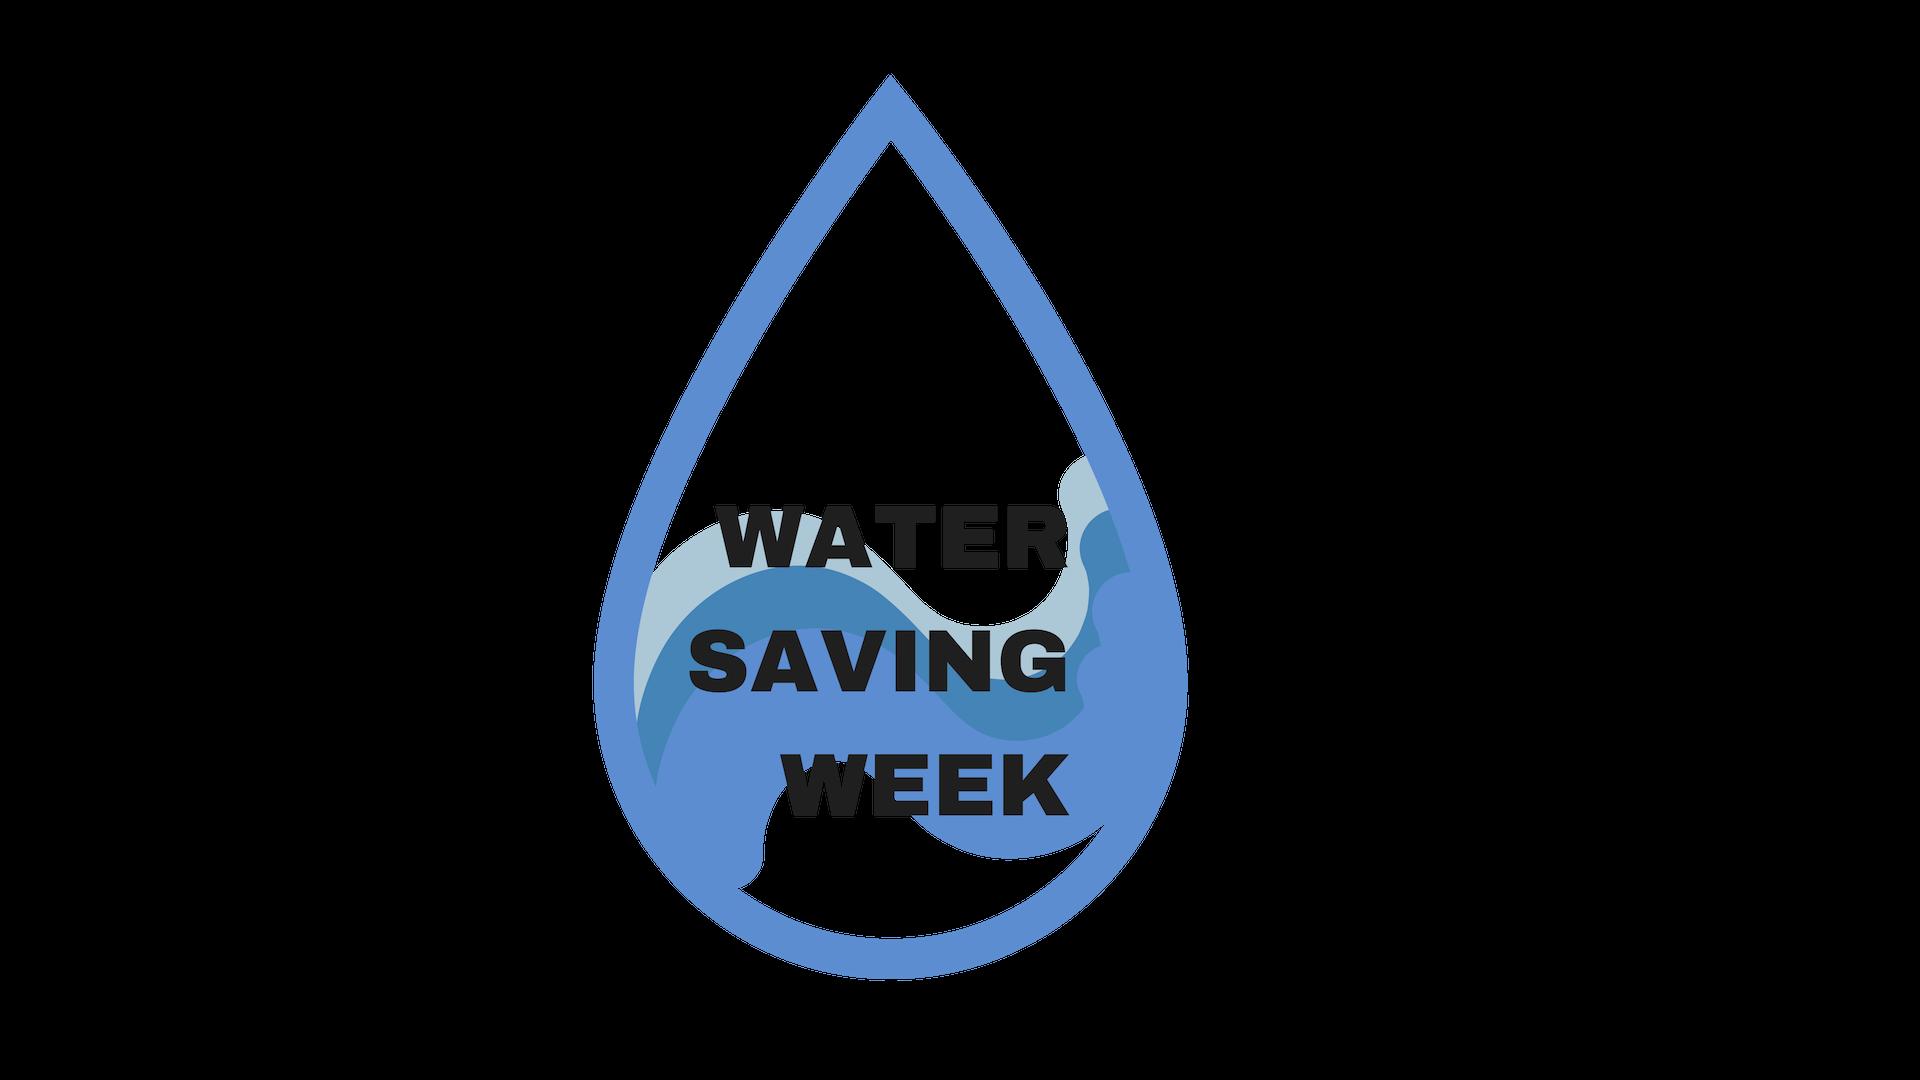 Water Saving Week 2019